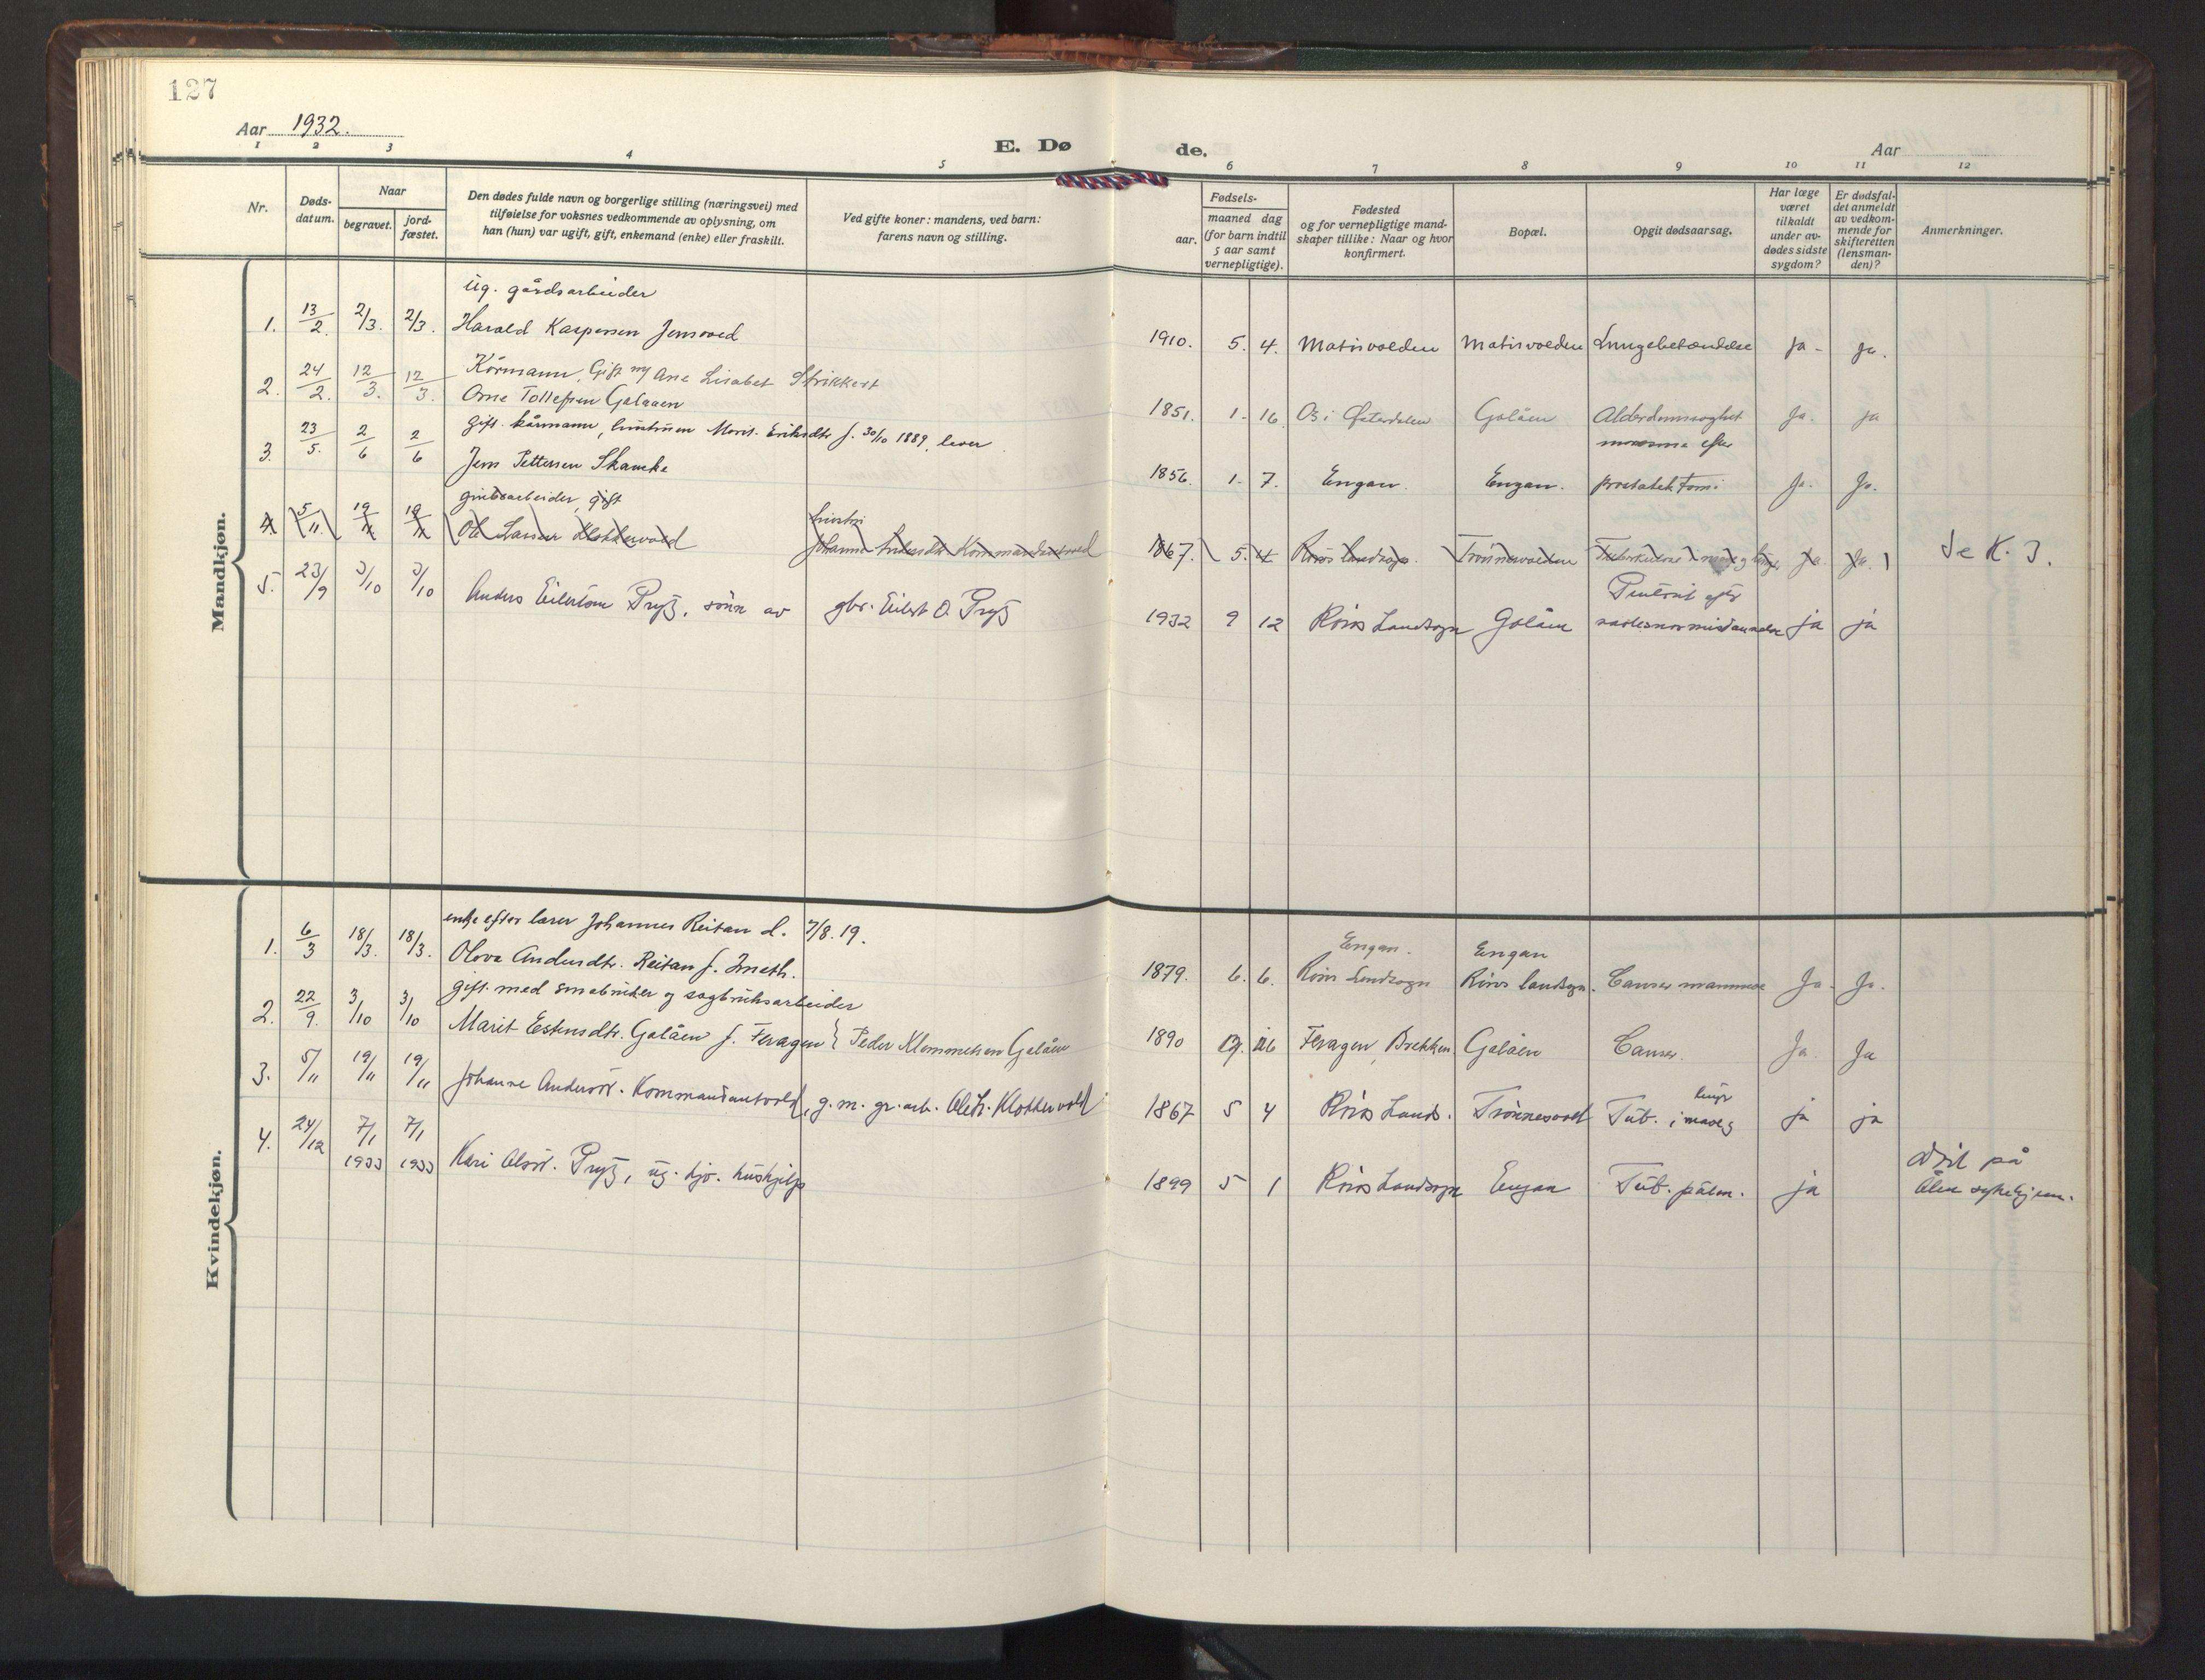 SAT, Ministerialprotokoller, klokkerbøker og fødselsregistre - Sør-Trøndelag, 681/L0944: Klokkerbok nr. 681C08, 1926-1954, s. 127